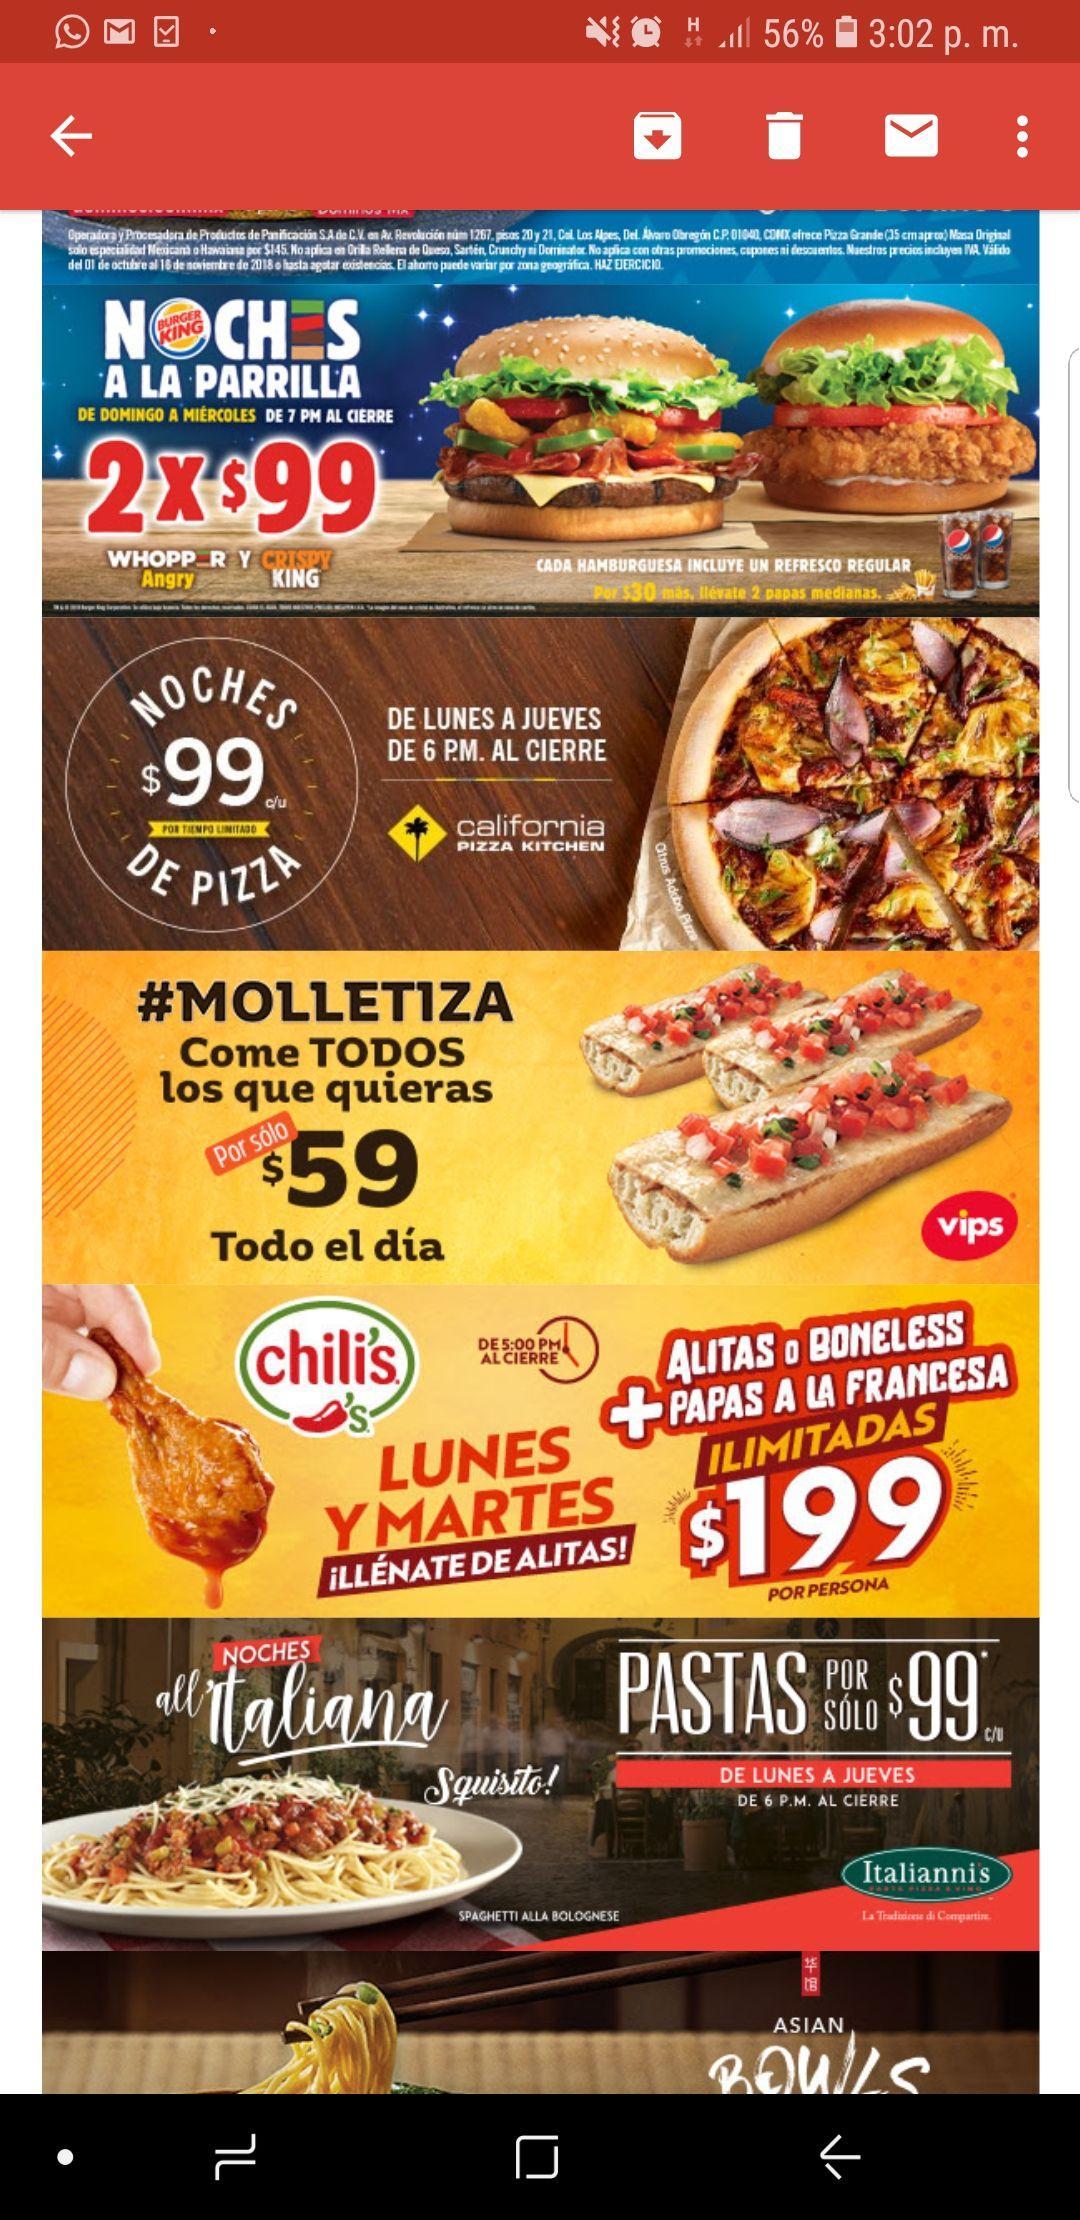 Vips: Molletiza $59 pesos a partir del 17 de Octubre